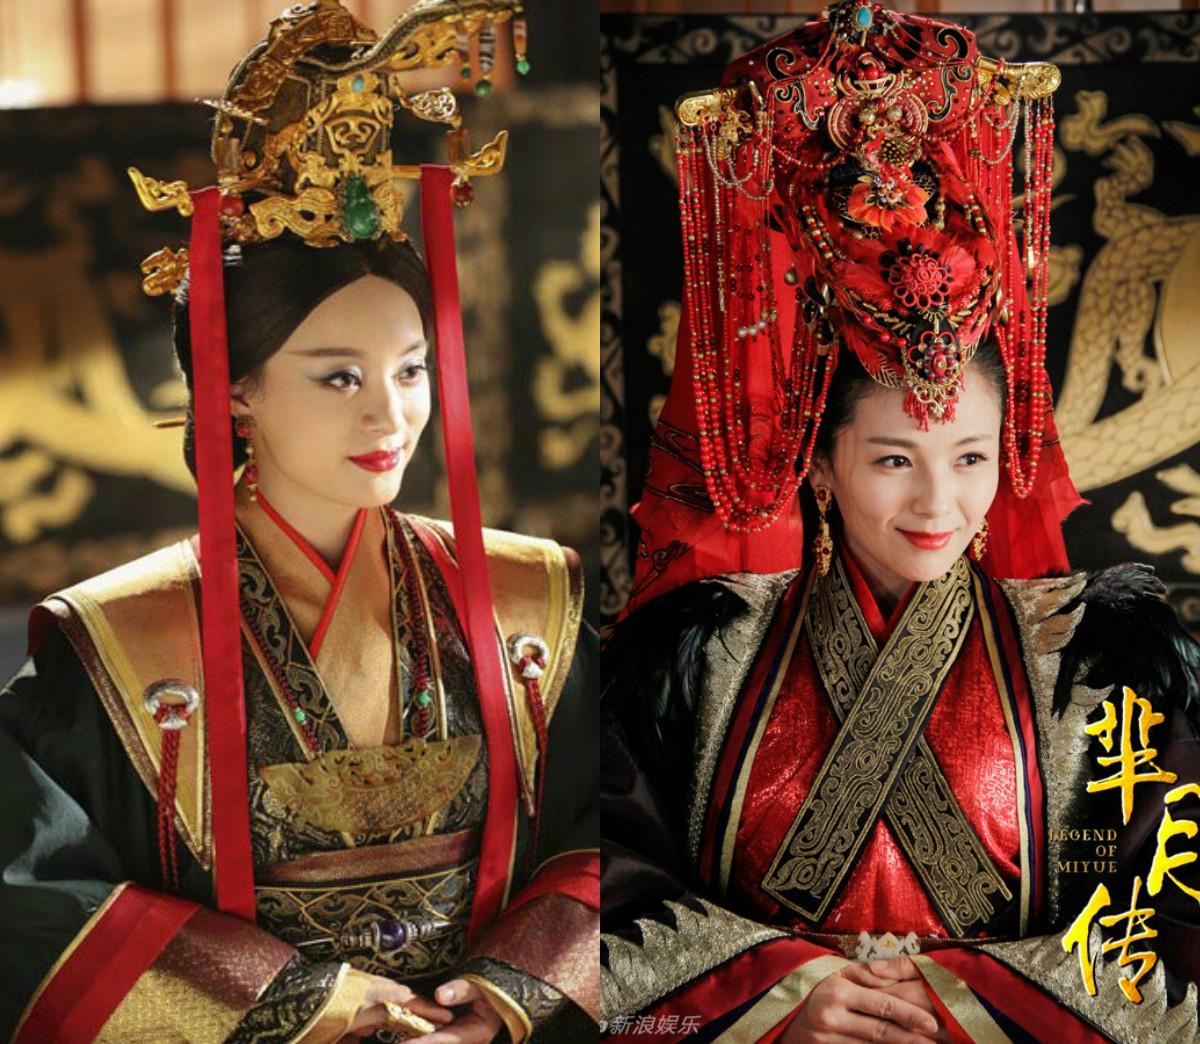 """Trong """"Mị Nguyệt truyện"""", Tôn Lệ và Lưu Đào vốn là tỷ muội tốt từ nhỏ, nhưng không ngờ chỉ vì tranh đoạt hoàng vị, tranh sủng, vinh hoa phú quý, tỷ muội trở mặt thành thù, cả Tôn Lệ lẫn Lưu Đào đều """"từ thiện hoá ác""""."""